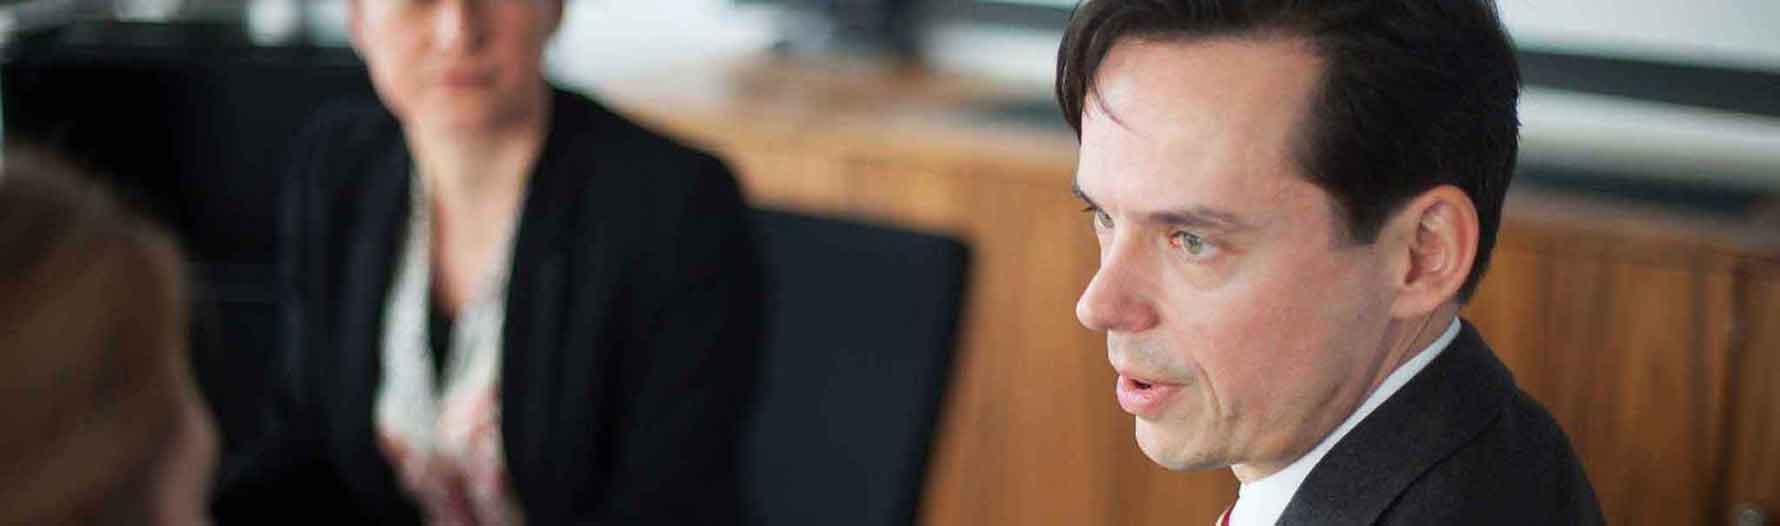 Malte Oehlschläger, Fachanwalt für Medizinrecht